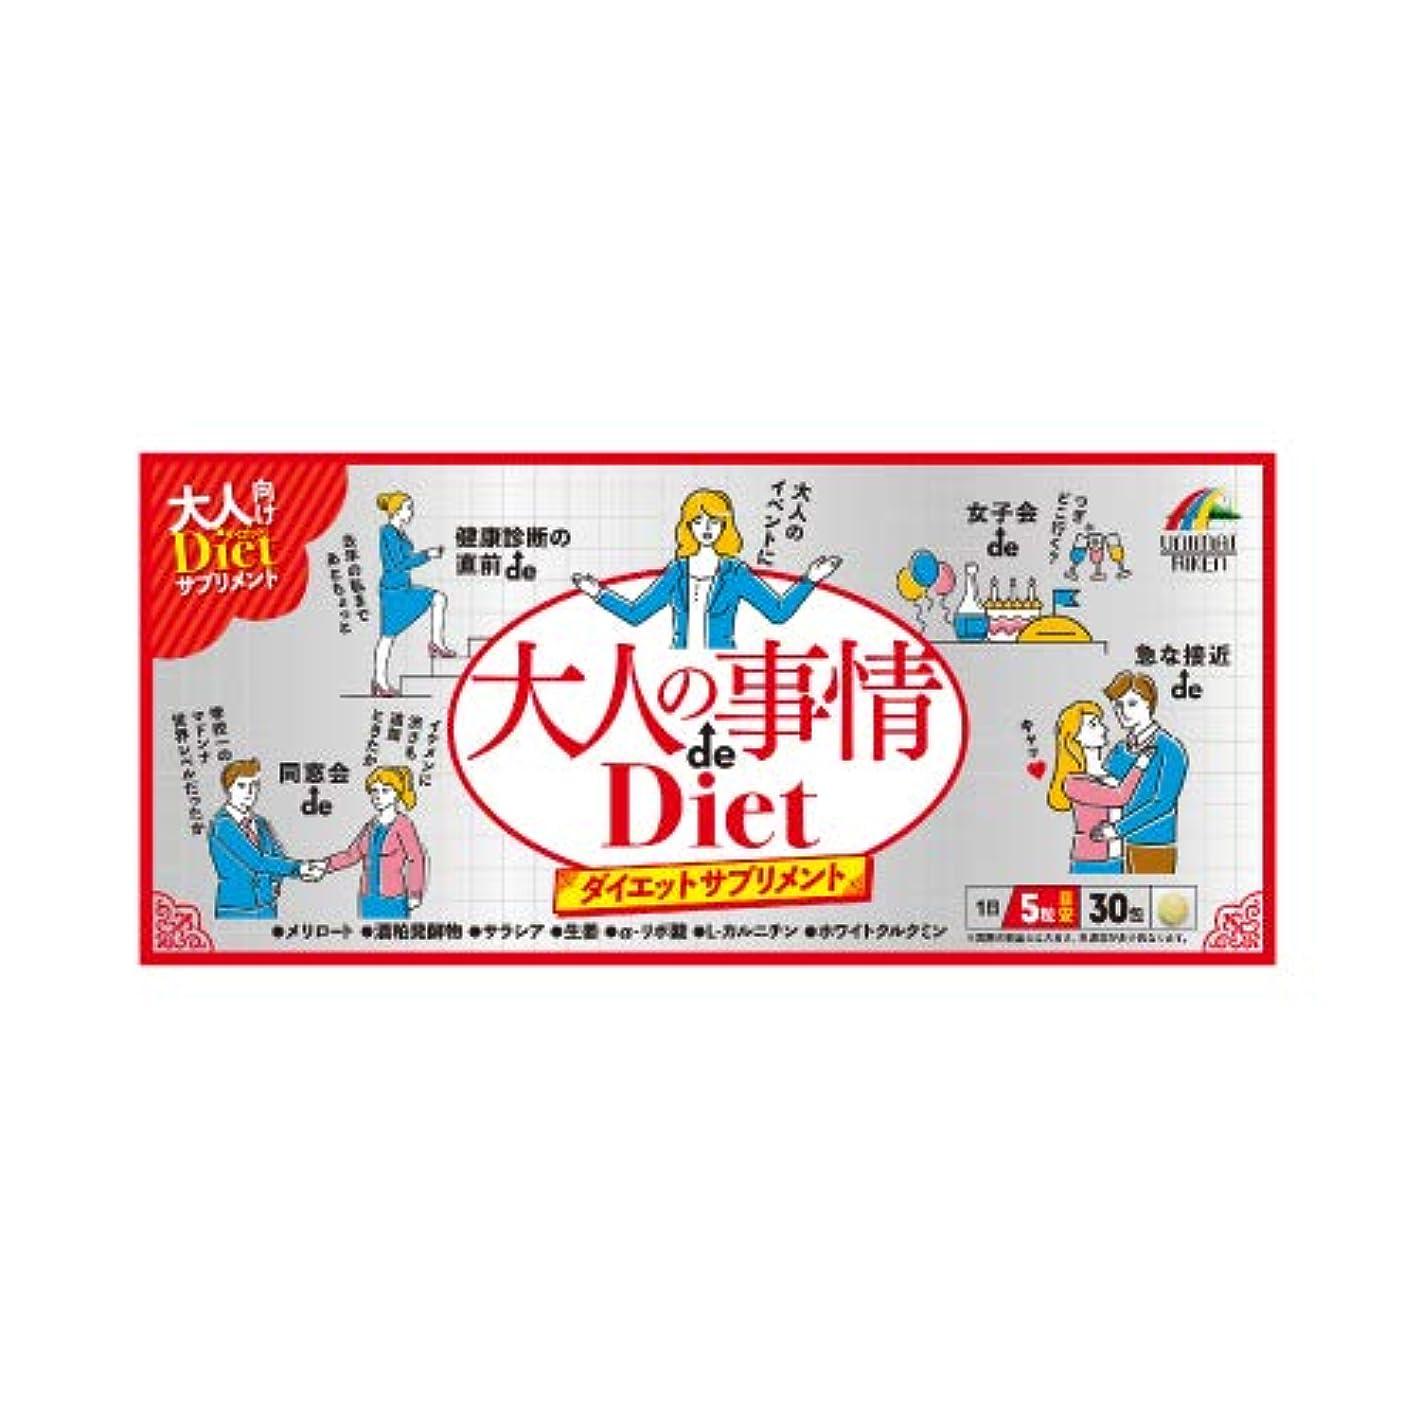 元気陰謀思いつくユニマットリケン 大人の事情de Diet 5粒×30包